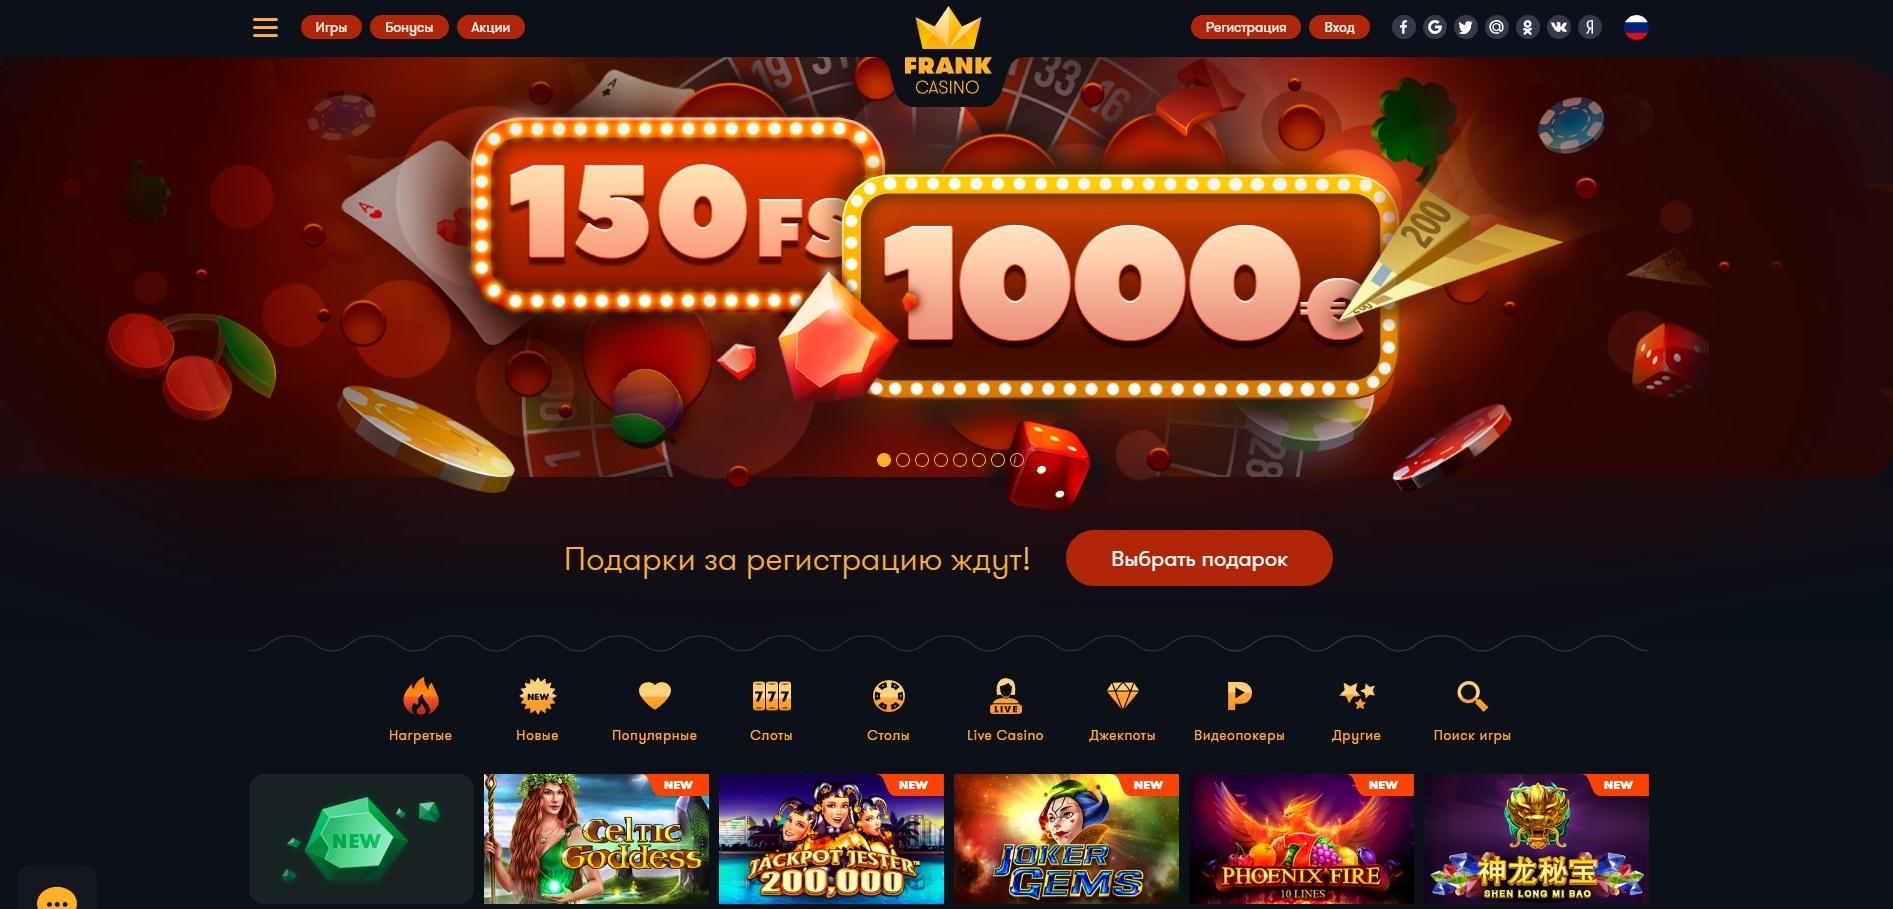 фрэнк казино игровые автоматы